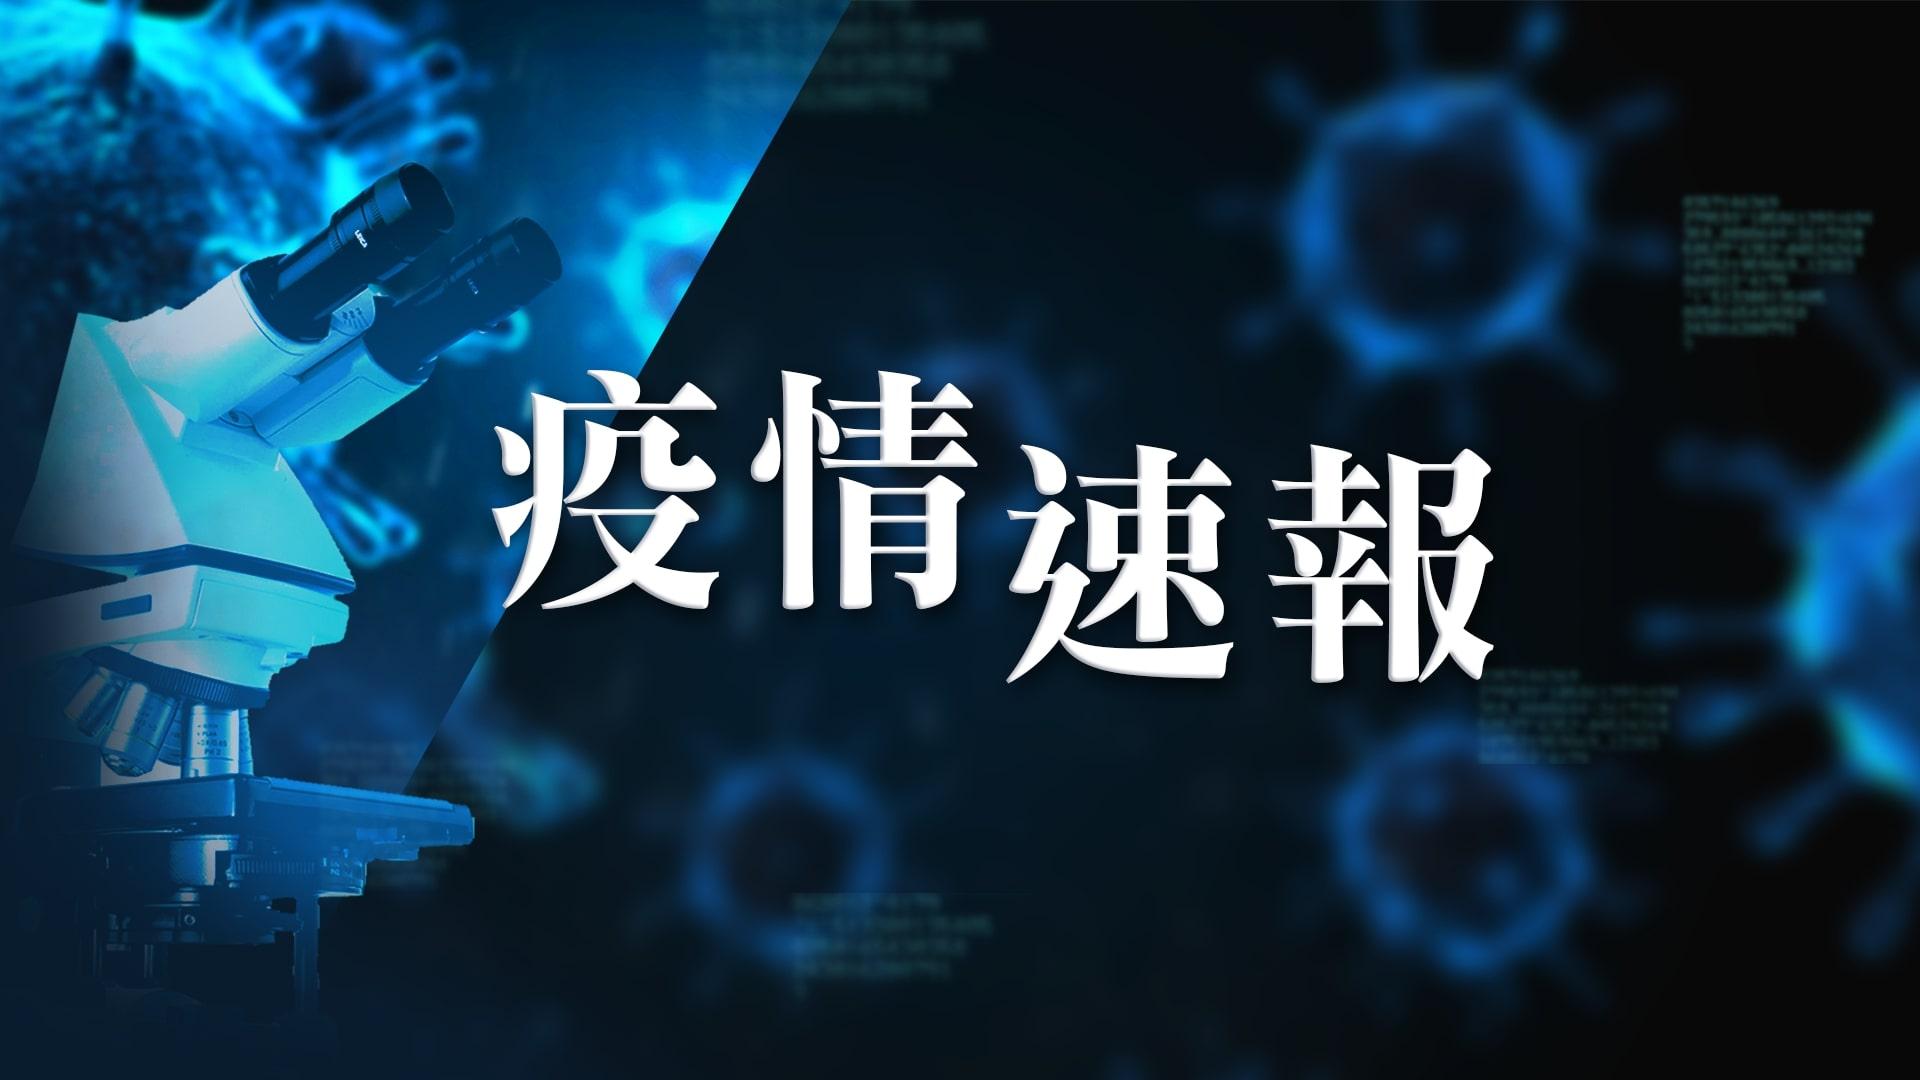 【3月17日疫情速報】(01:05 18/3)